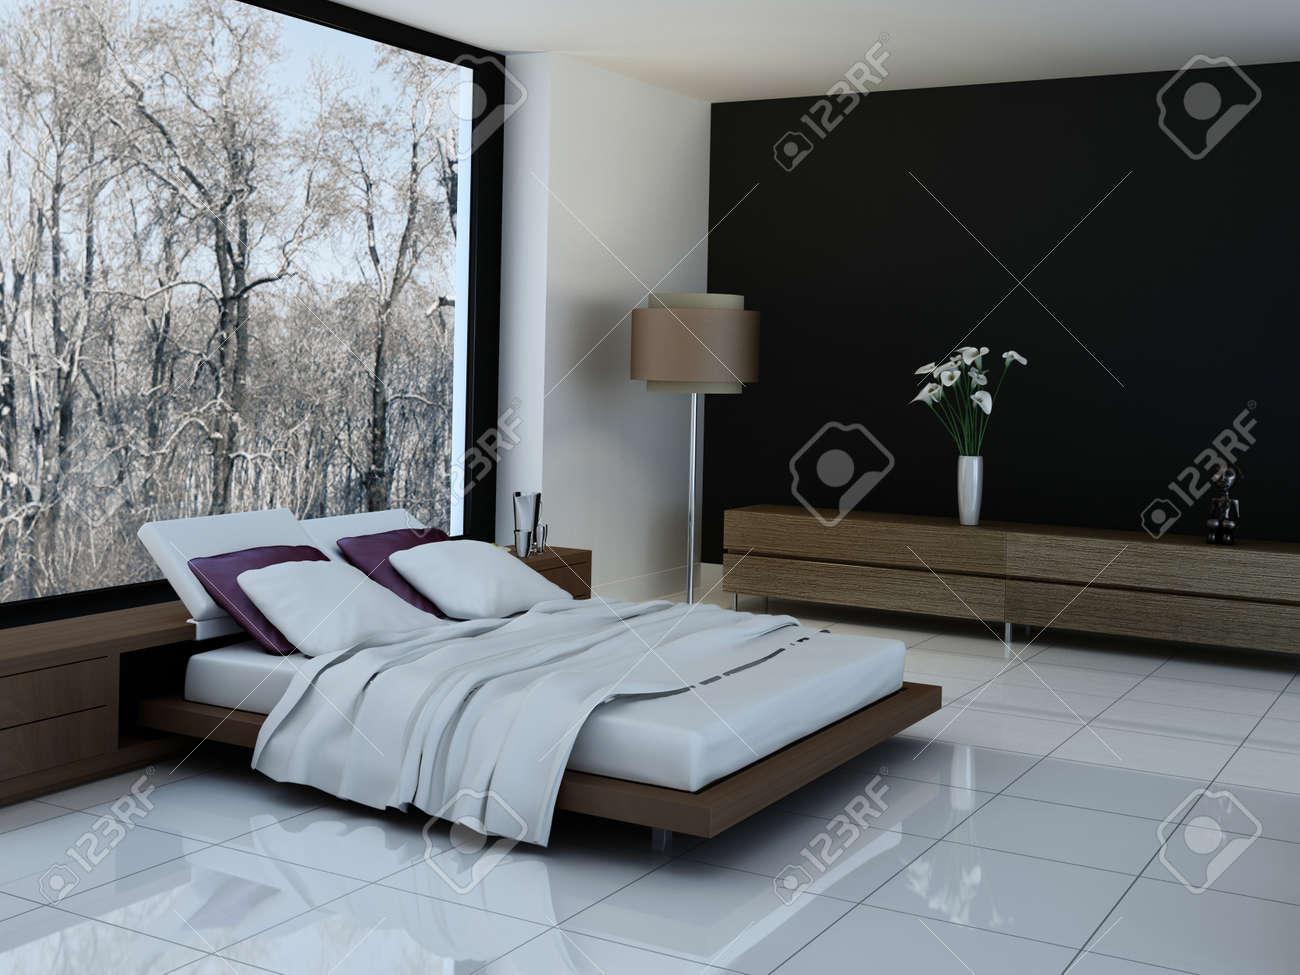 banque dimages intrieur de la chambre ultramoderne avec un lit double contre fentres panoramiques